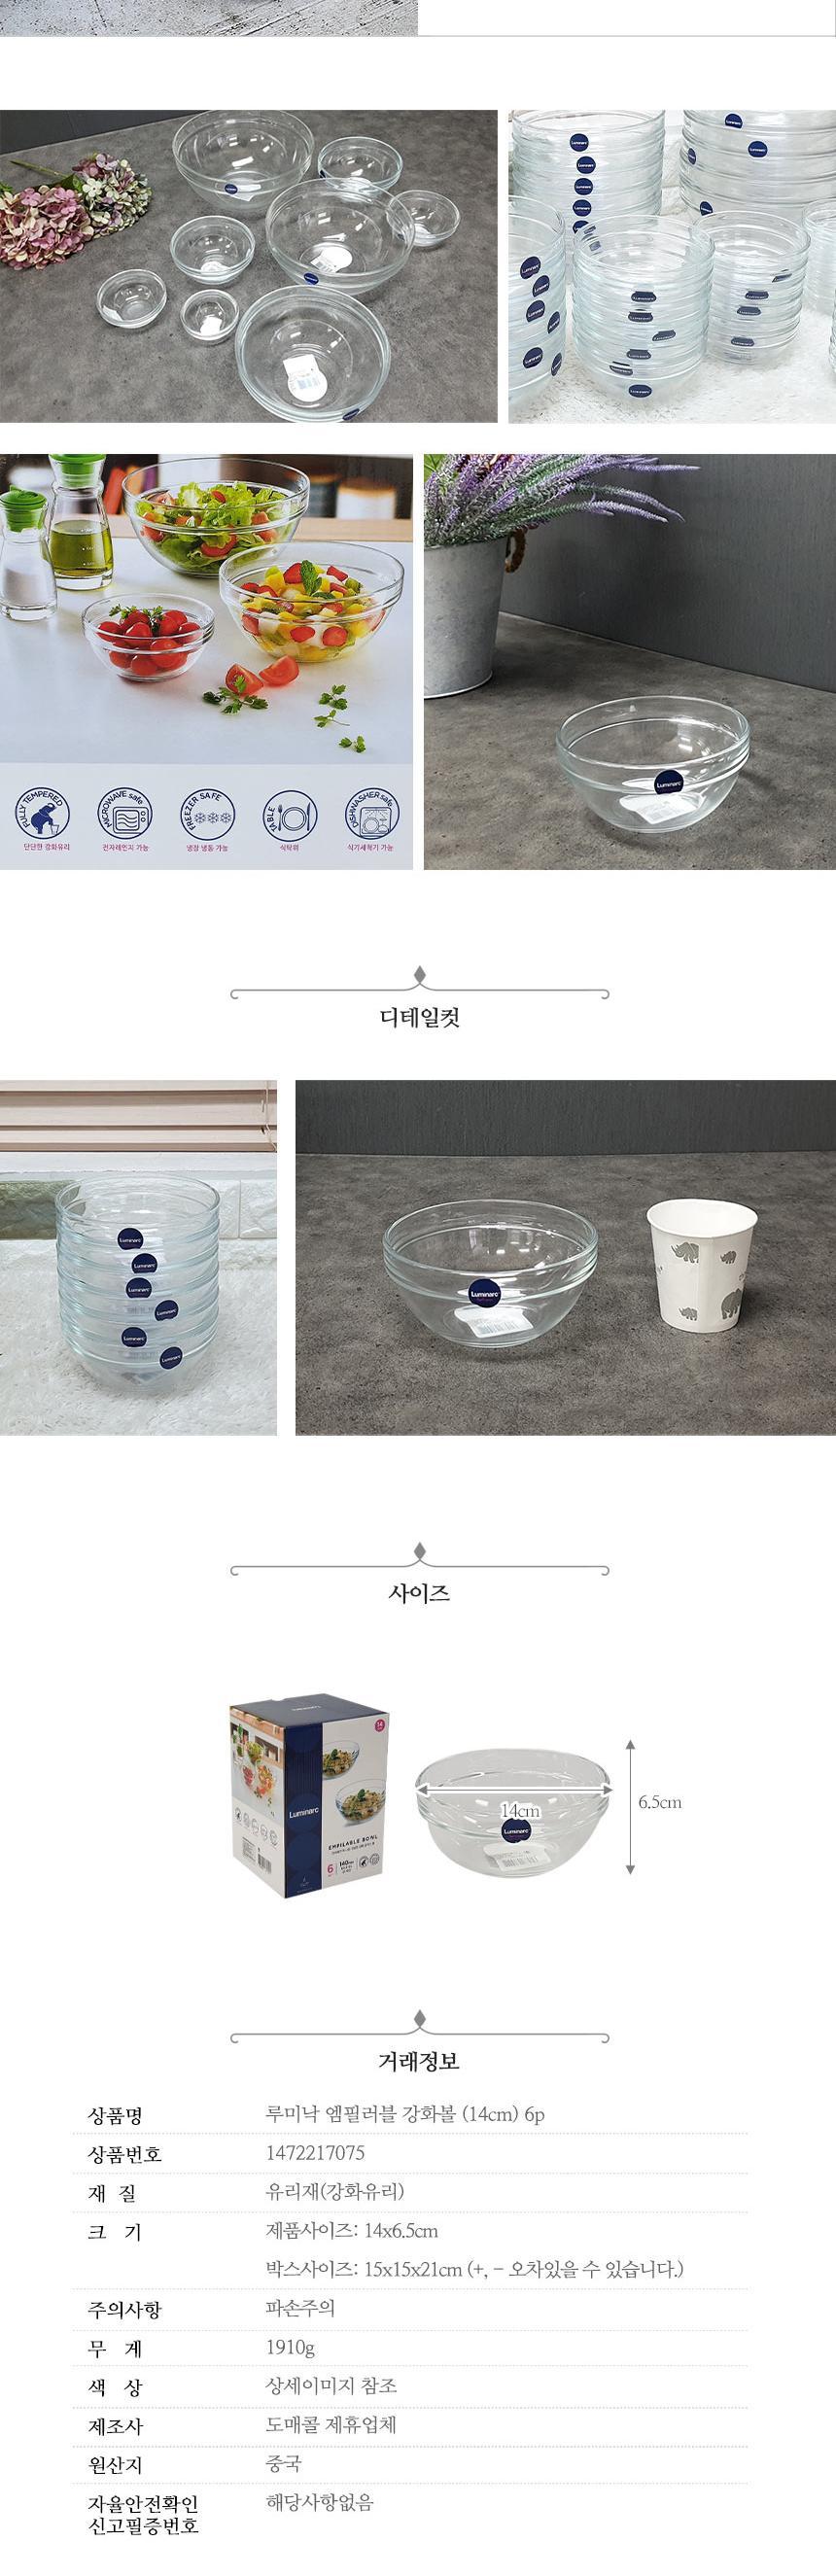 아트웨어 루미낙 엠필러블 강화볼 (14cm) 6p 고급유리 고급유리볼 강화그릇 투명그릇 음식볼 음식그릇